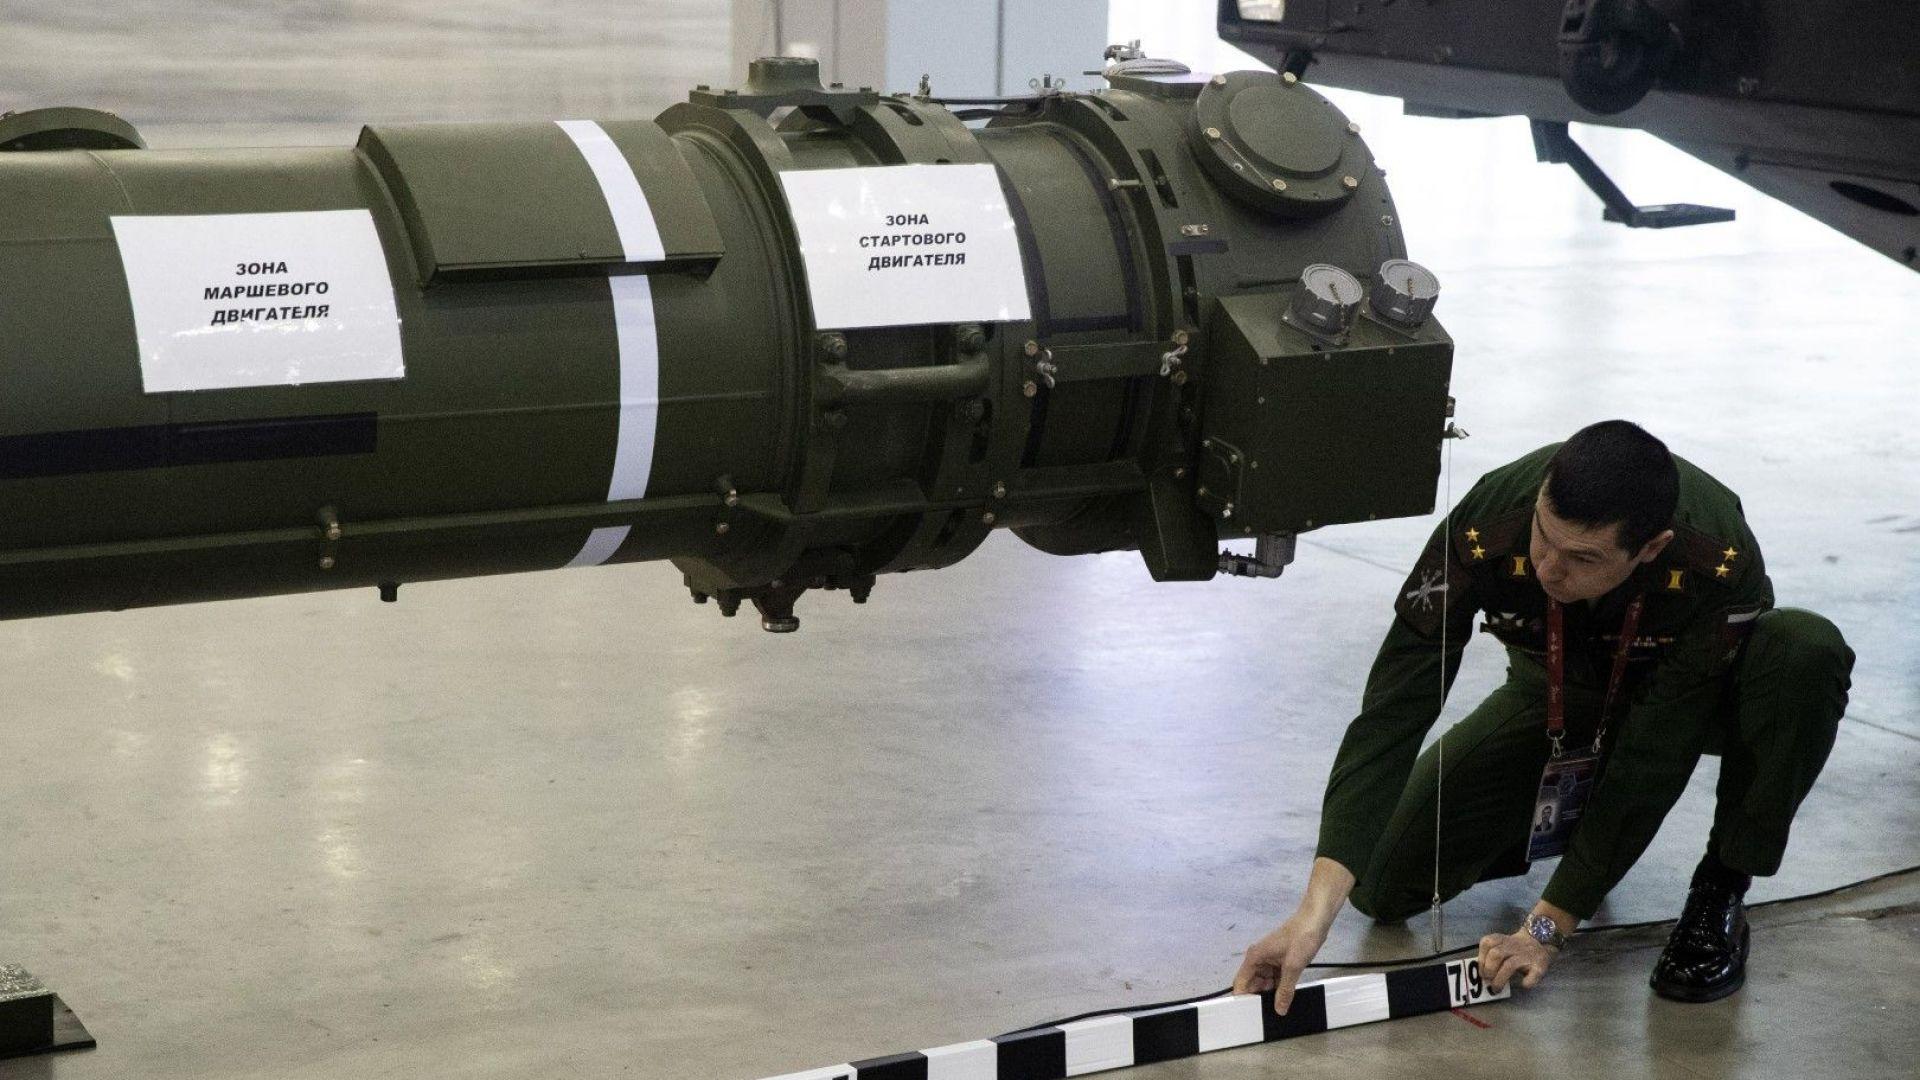 Москва представи спорната ракета 9М729: Какви са нейните показатели